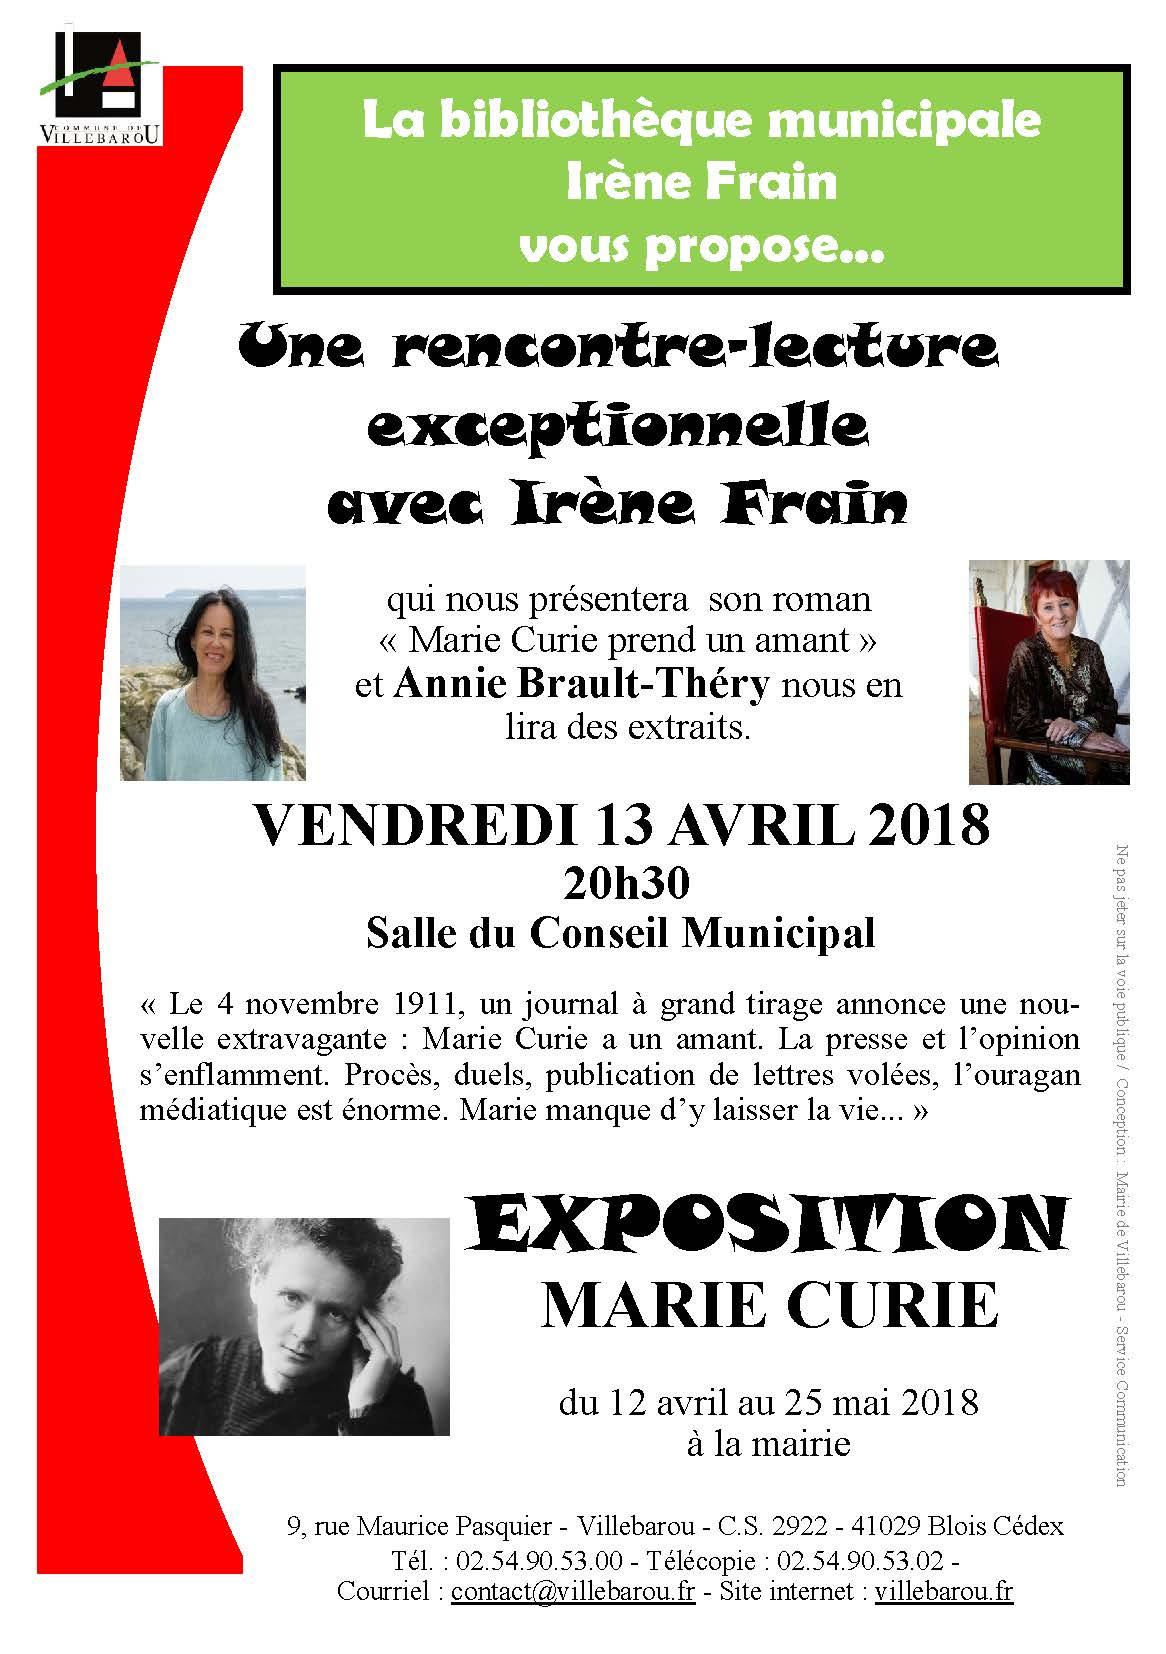 Début de l'exposition Marie Curie